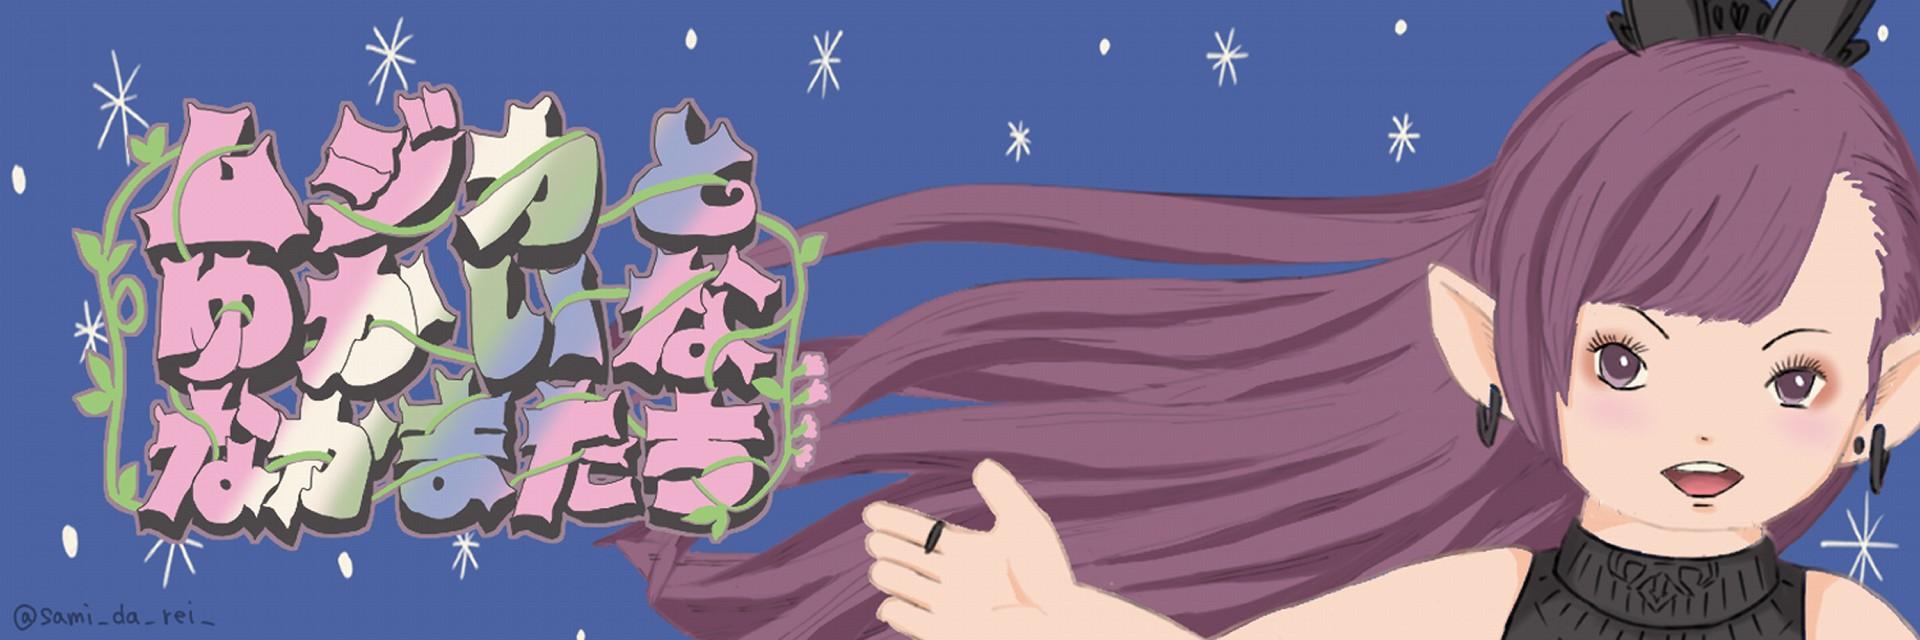 f:id:ryoushitsu-musica:20210903154758j:image